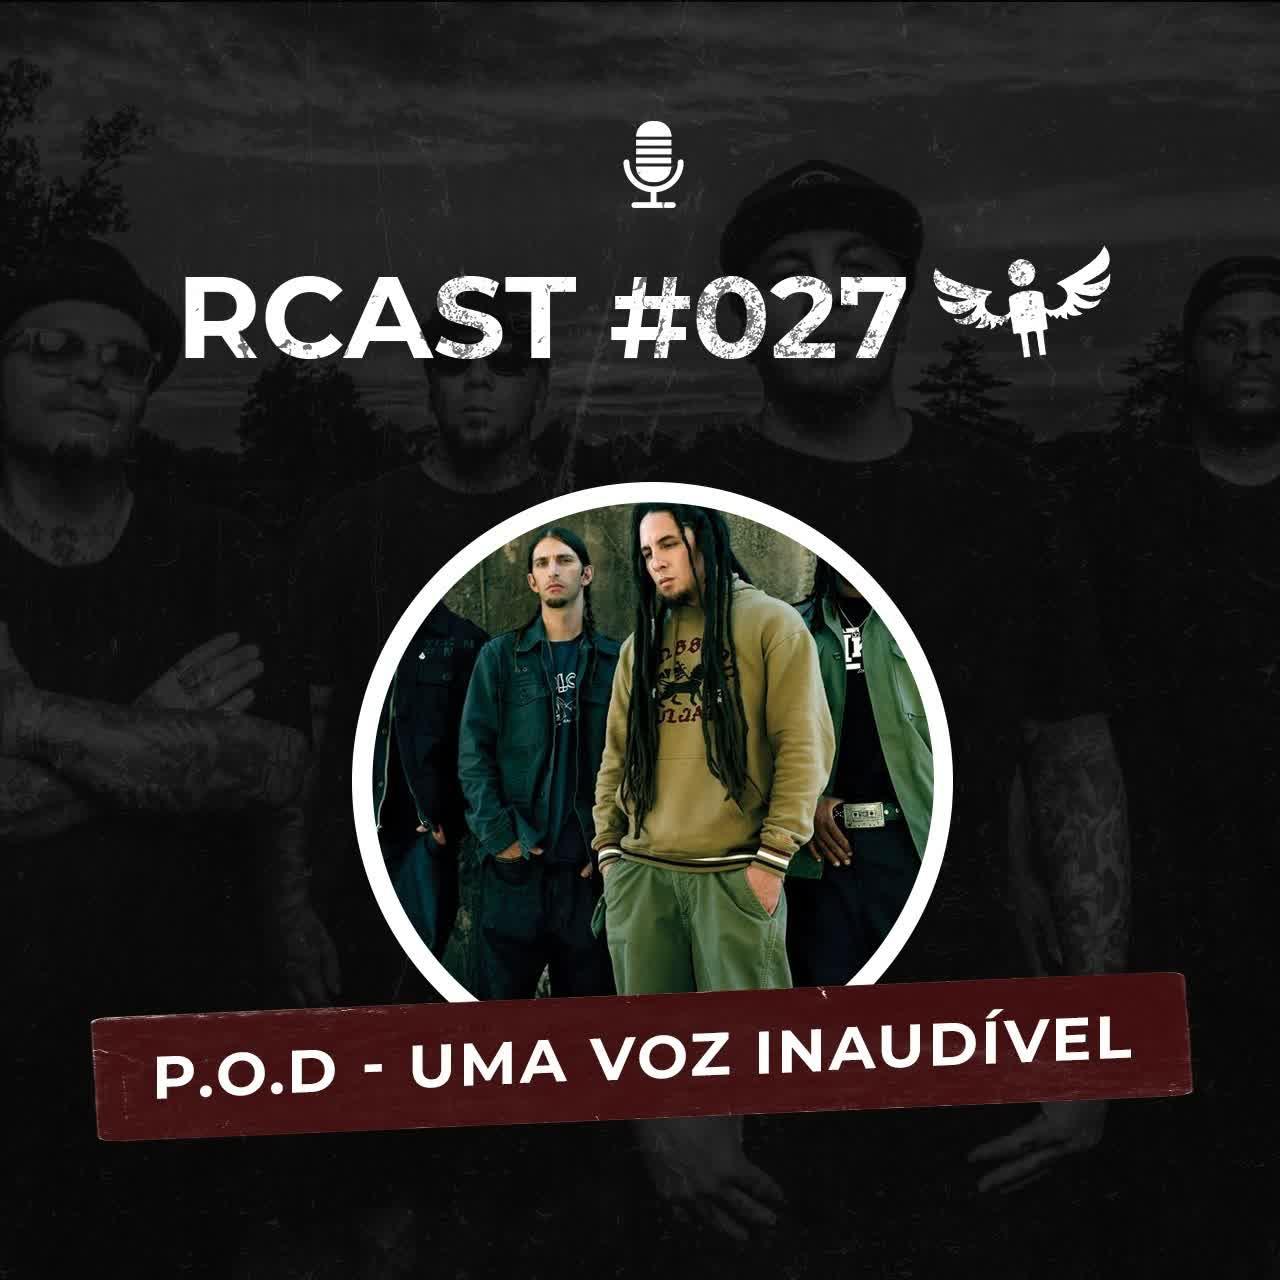 RCast #027 - P.O.D UMA VOZ INAUDÍVEL feat @podbrazil